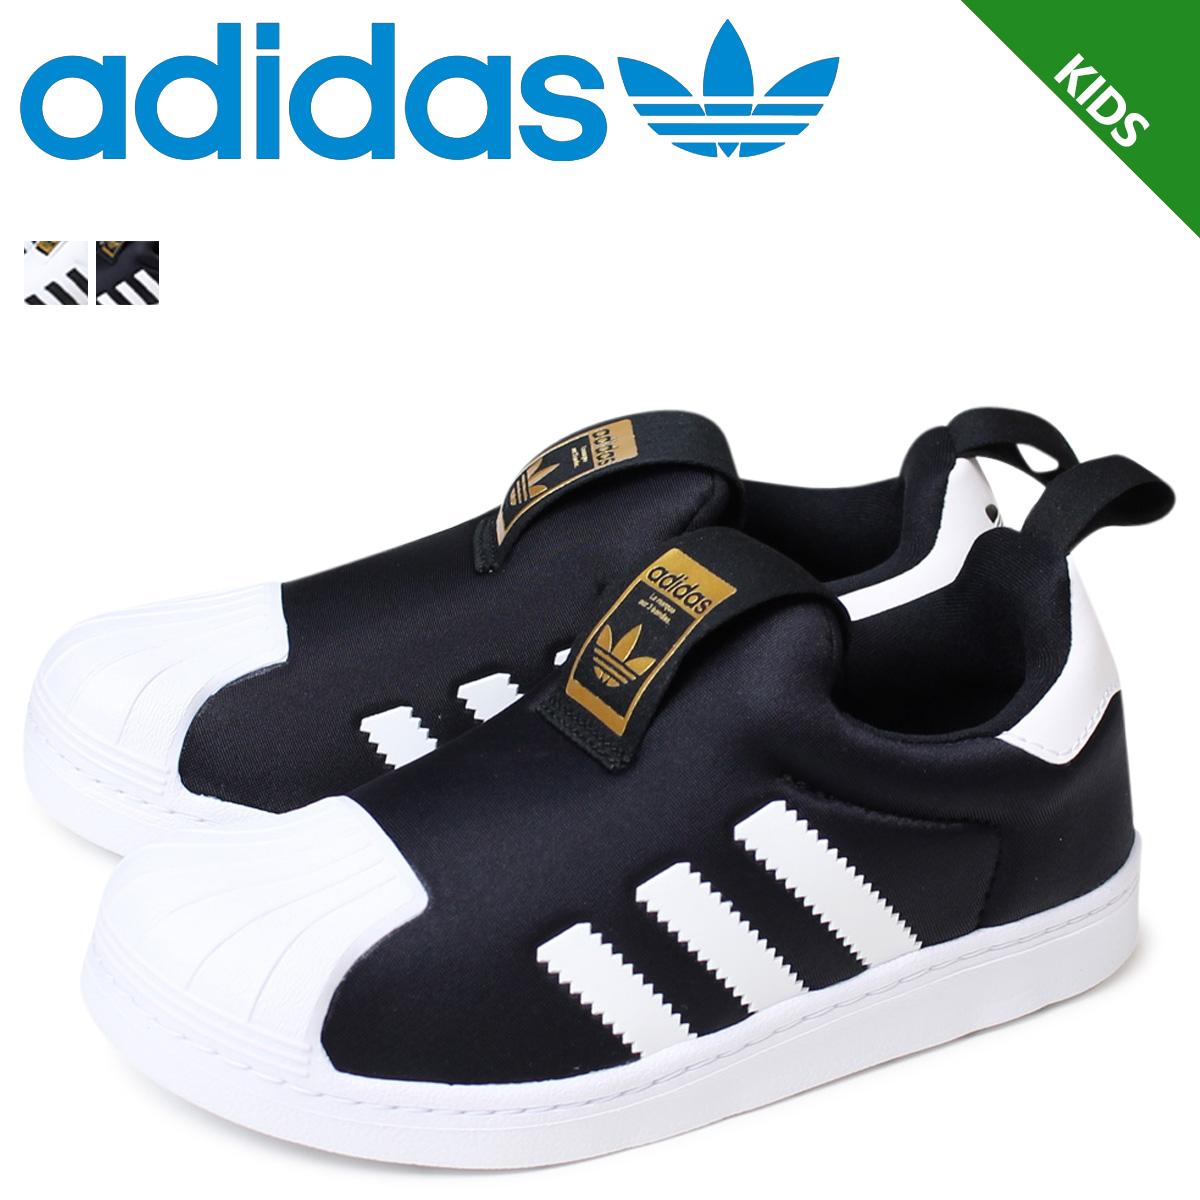 ALLSPORTS  Adidas superstar kids sneakers adidas originals SUPERSTAR ... 2e1073d49c2d